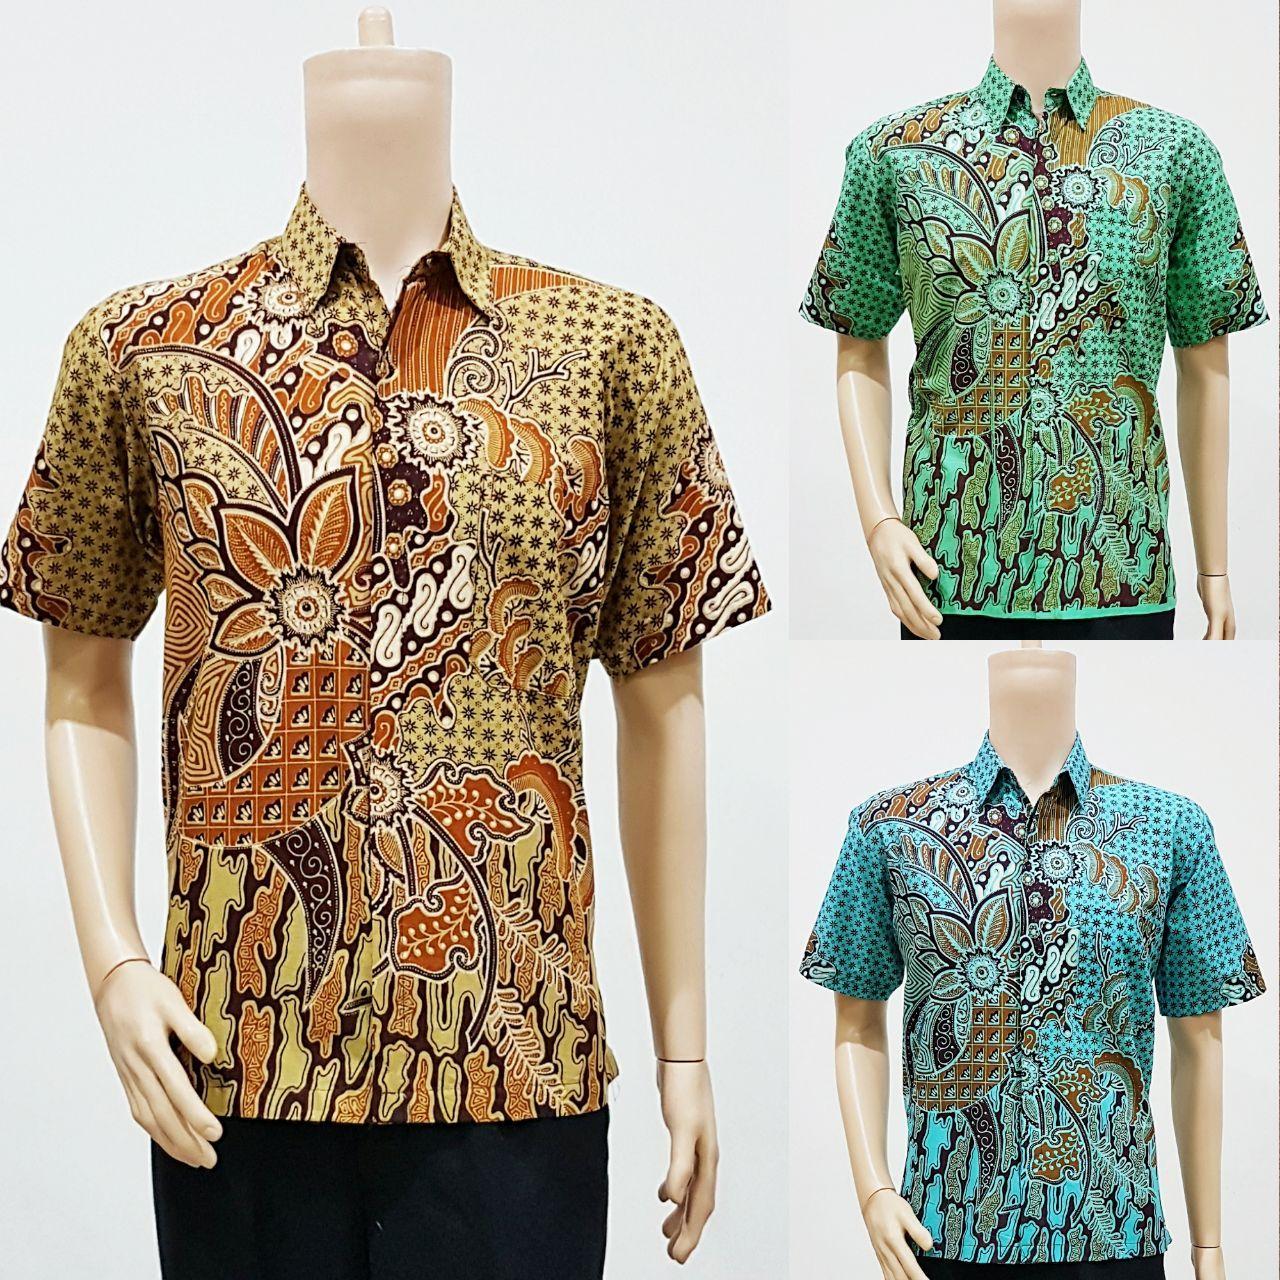 Harga Baju Batik Pria Lusinan: Model Baju Batik Pria Untuk Seragam Motif Minu 2018